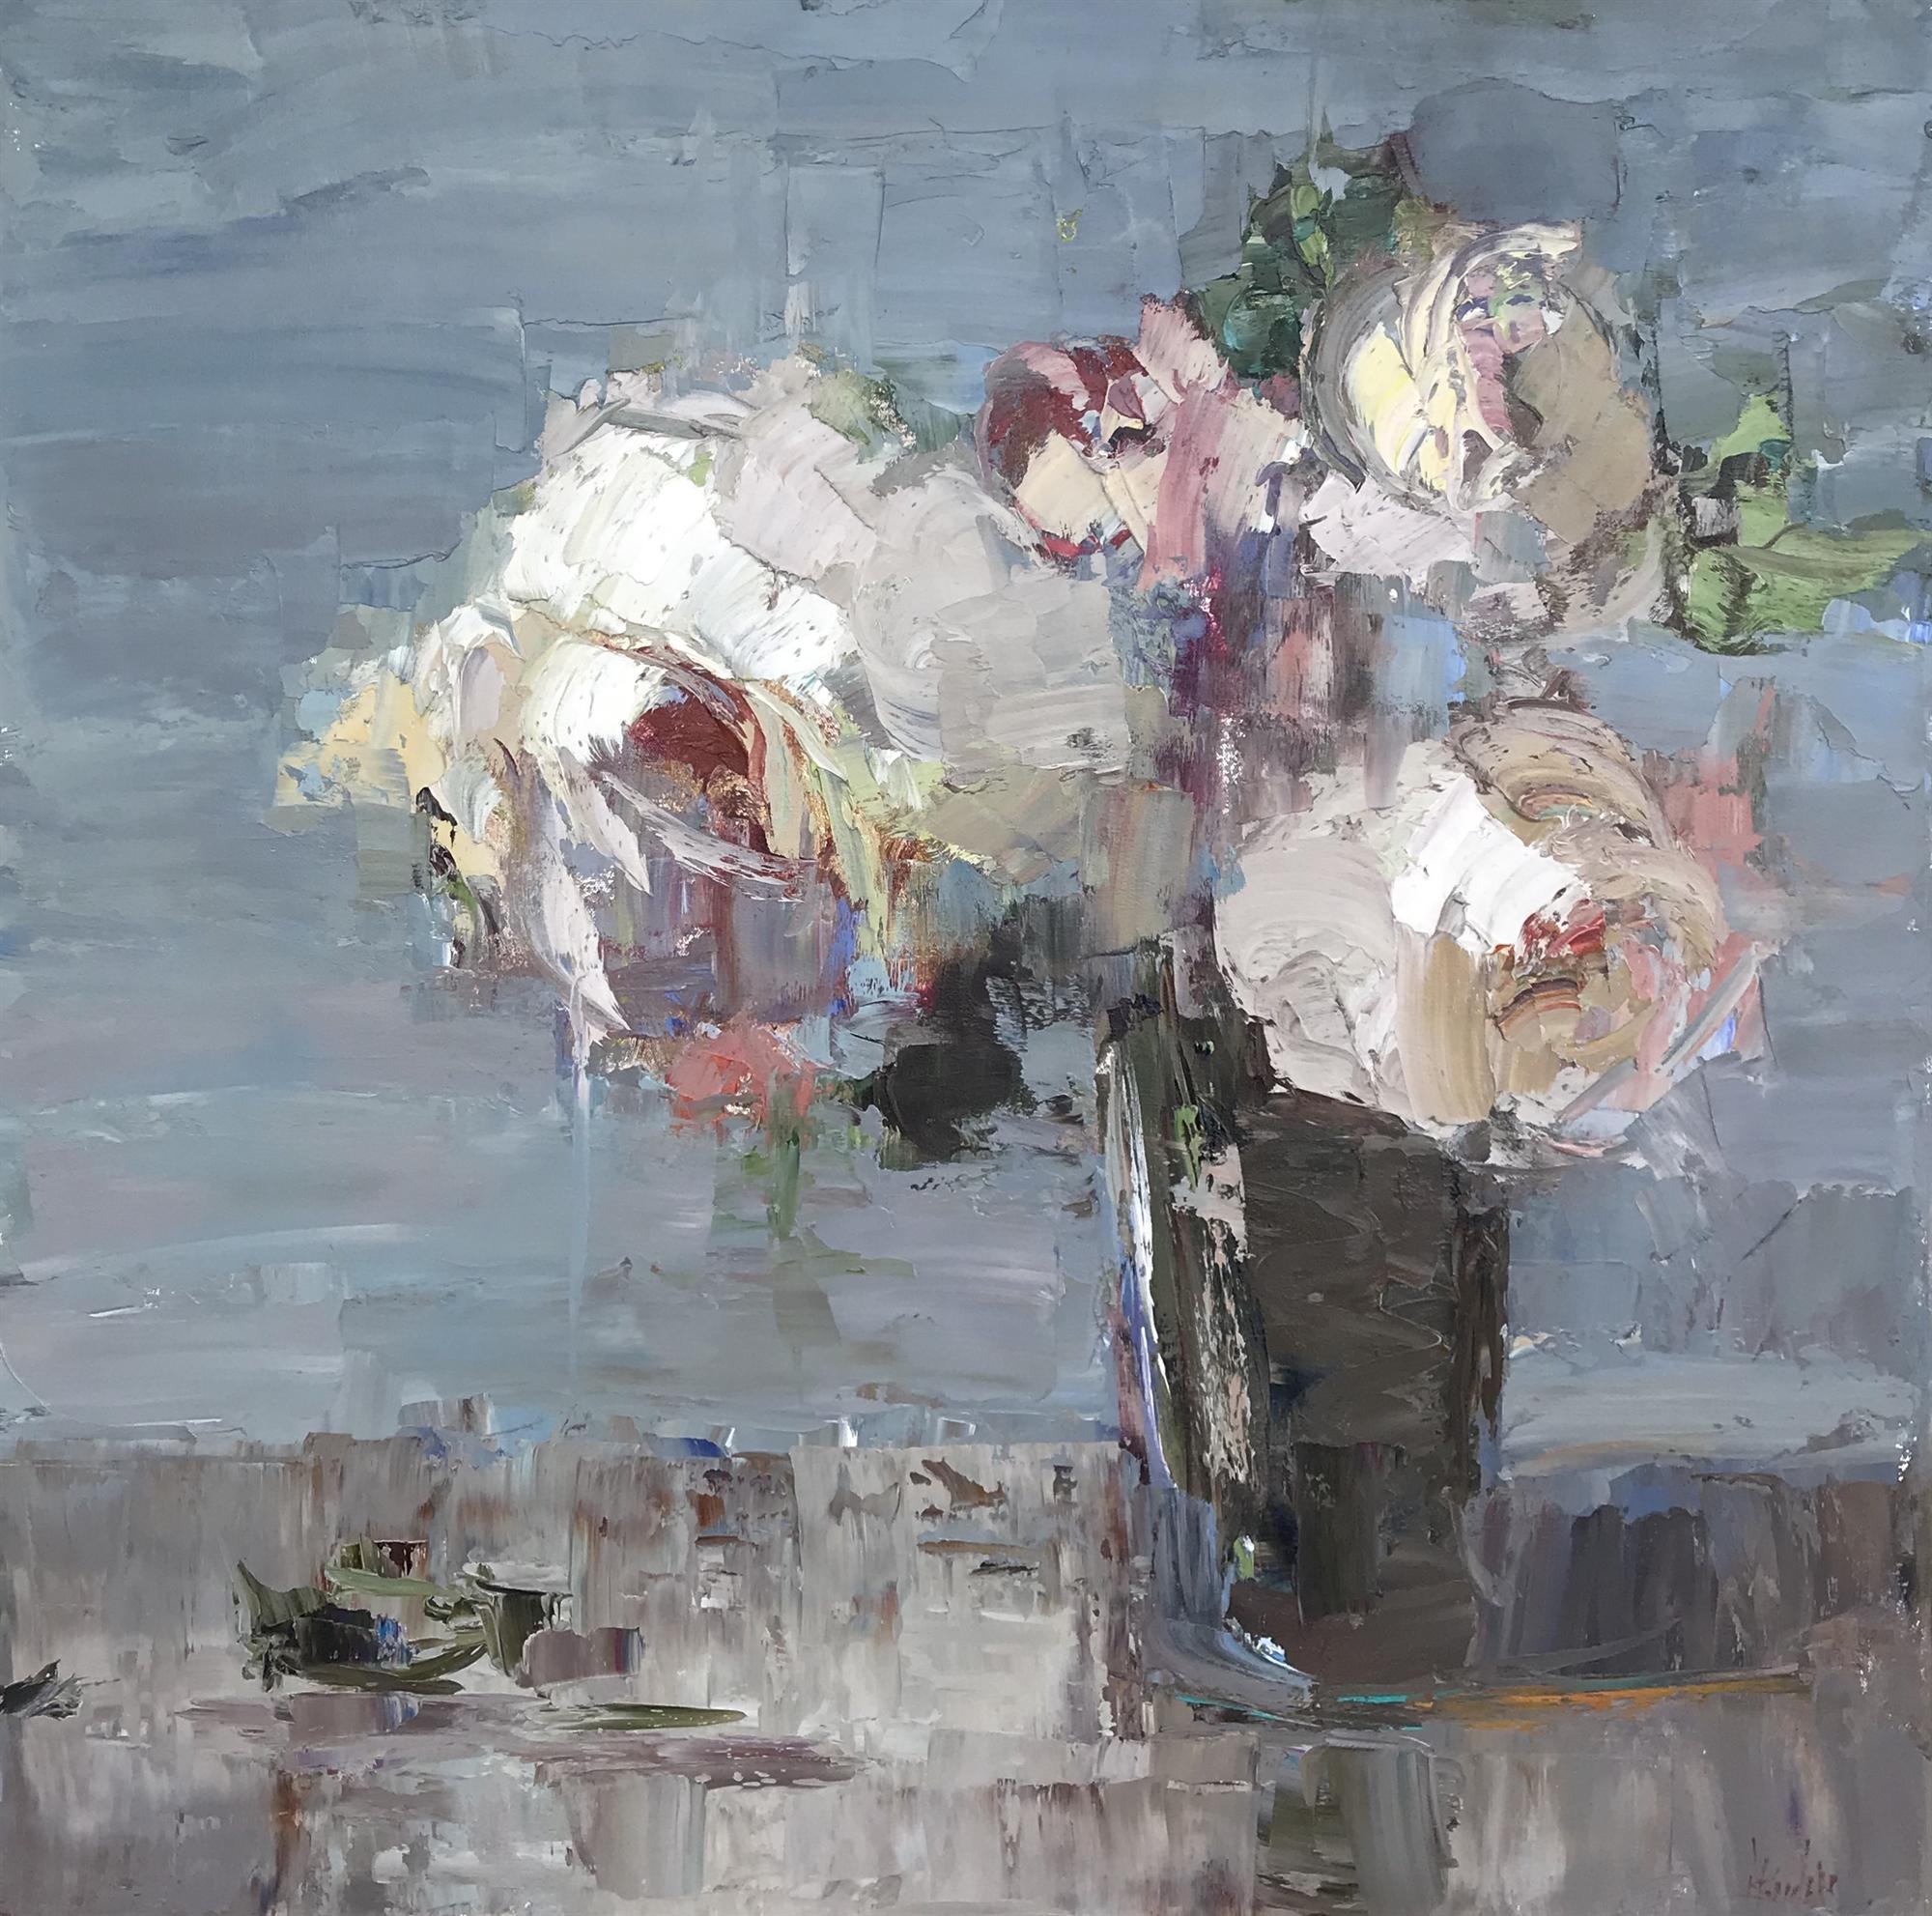 Peonies by Barbara Flowers